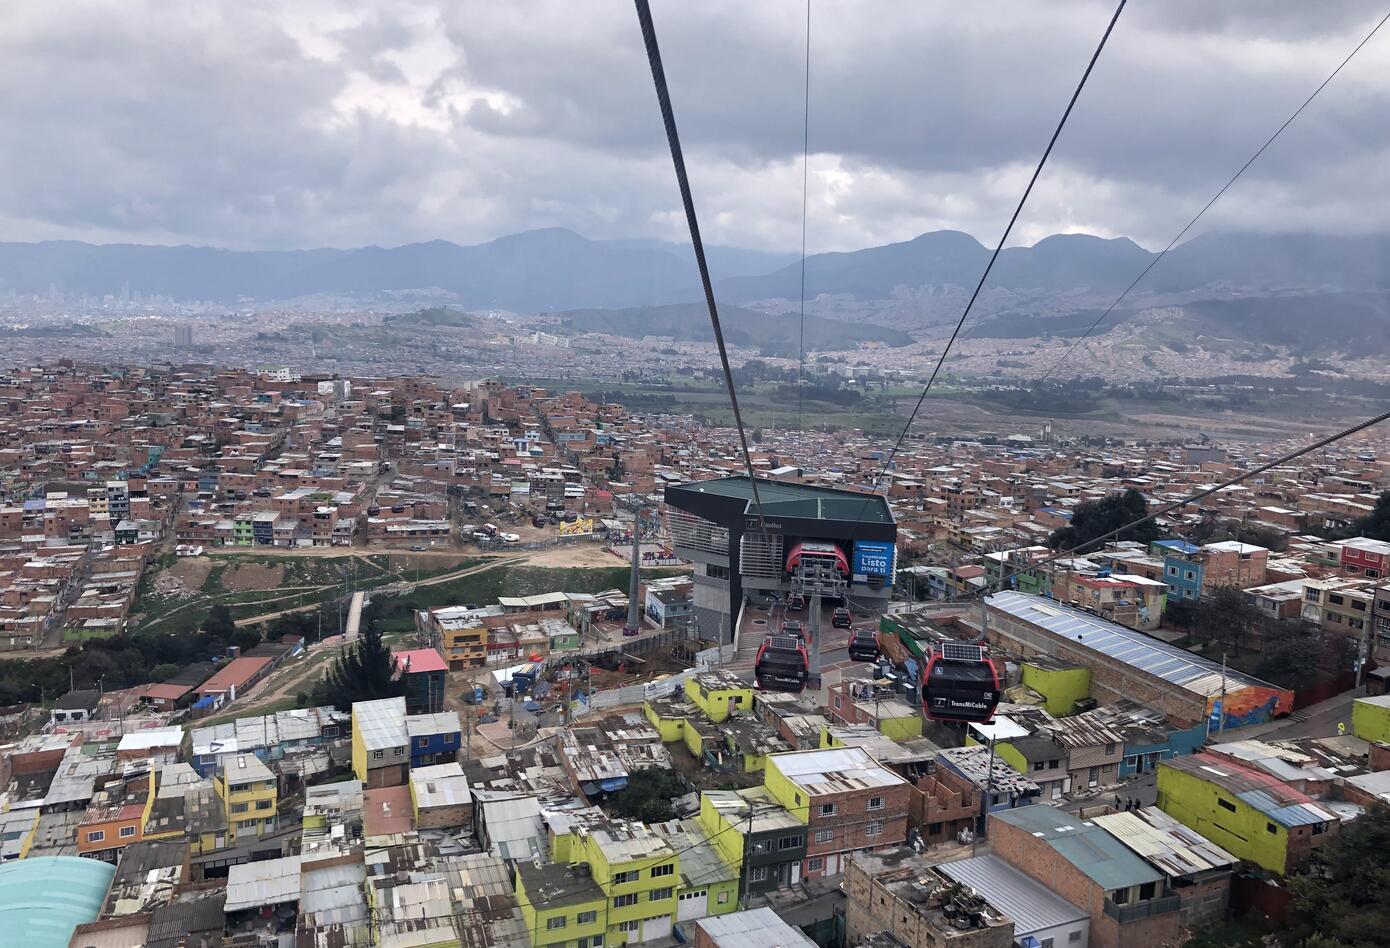 Ciudad Bolívar desde el Transmicable